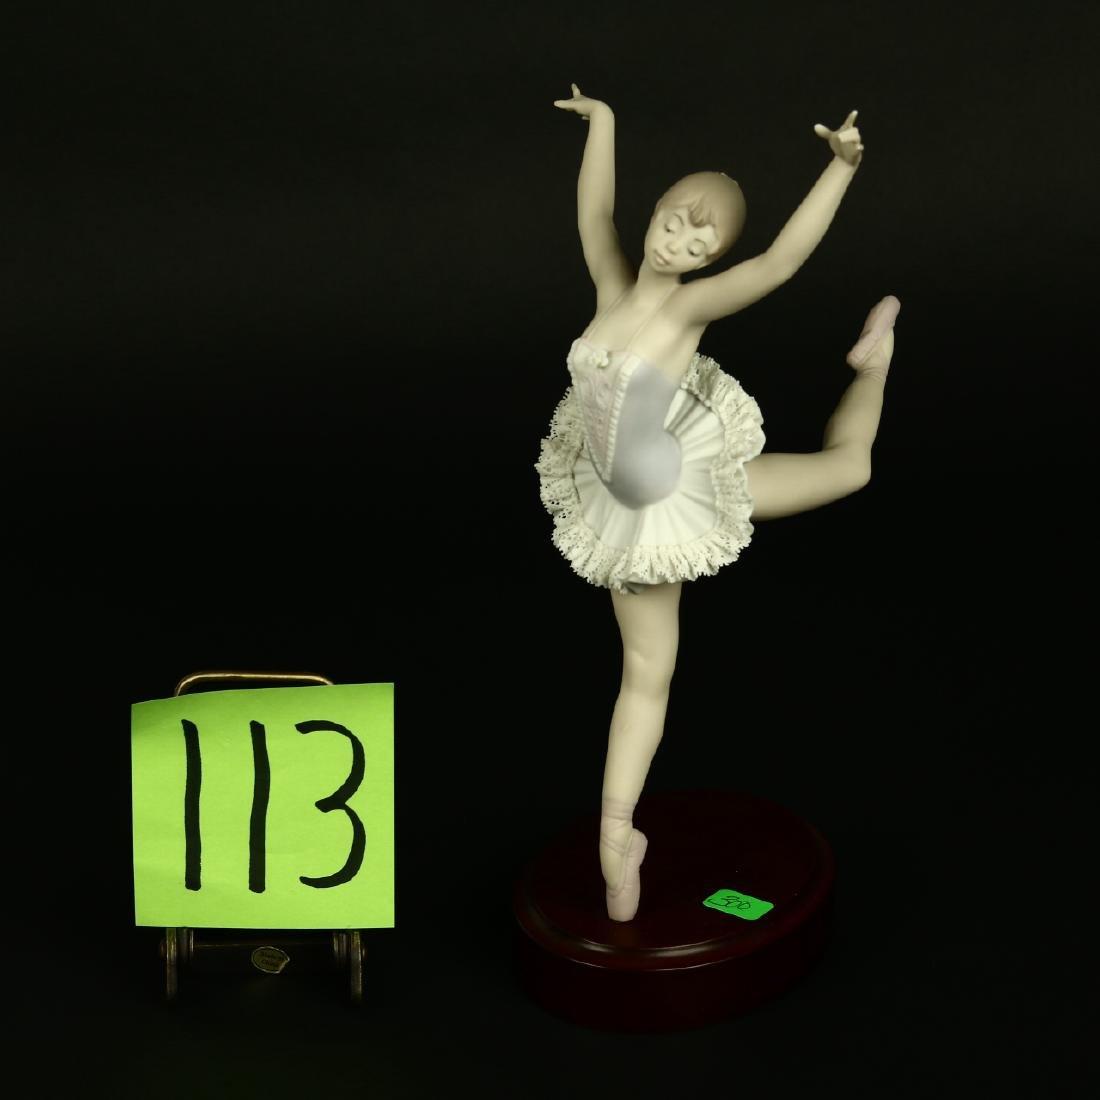 Lladro Ballerina Girl #15816 Ballet Saltando Prima